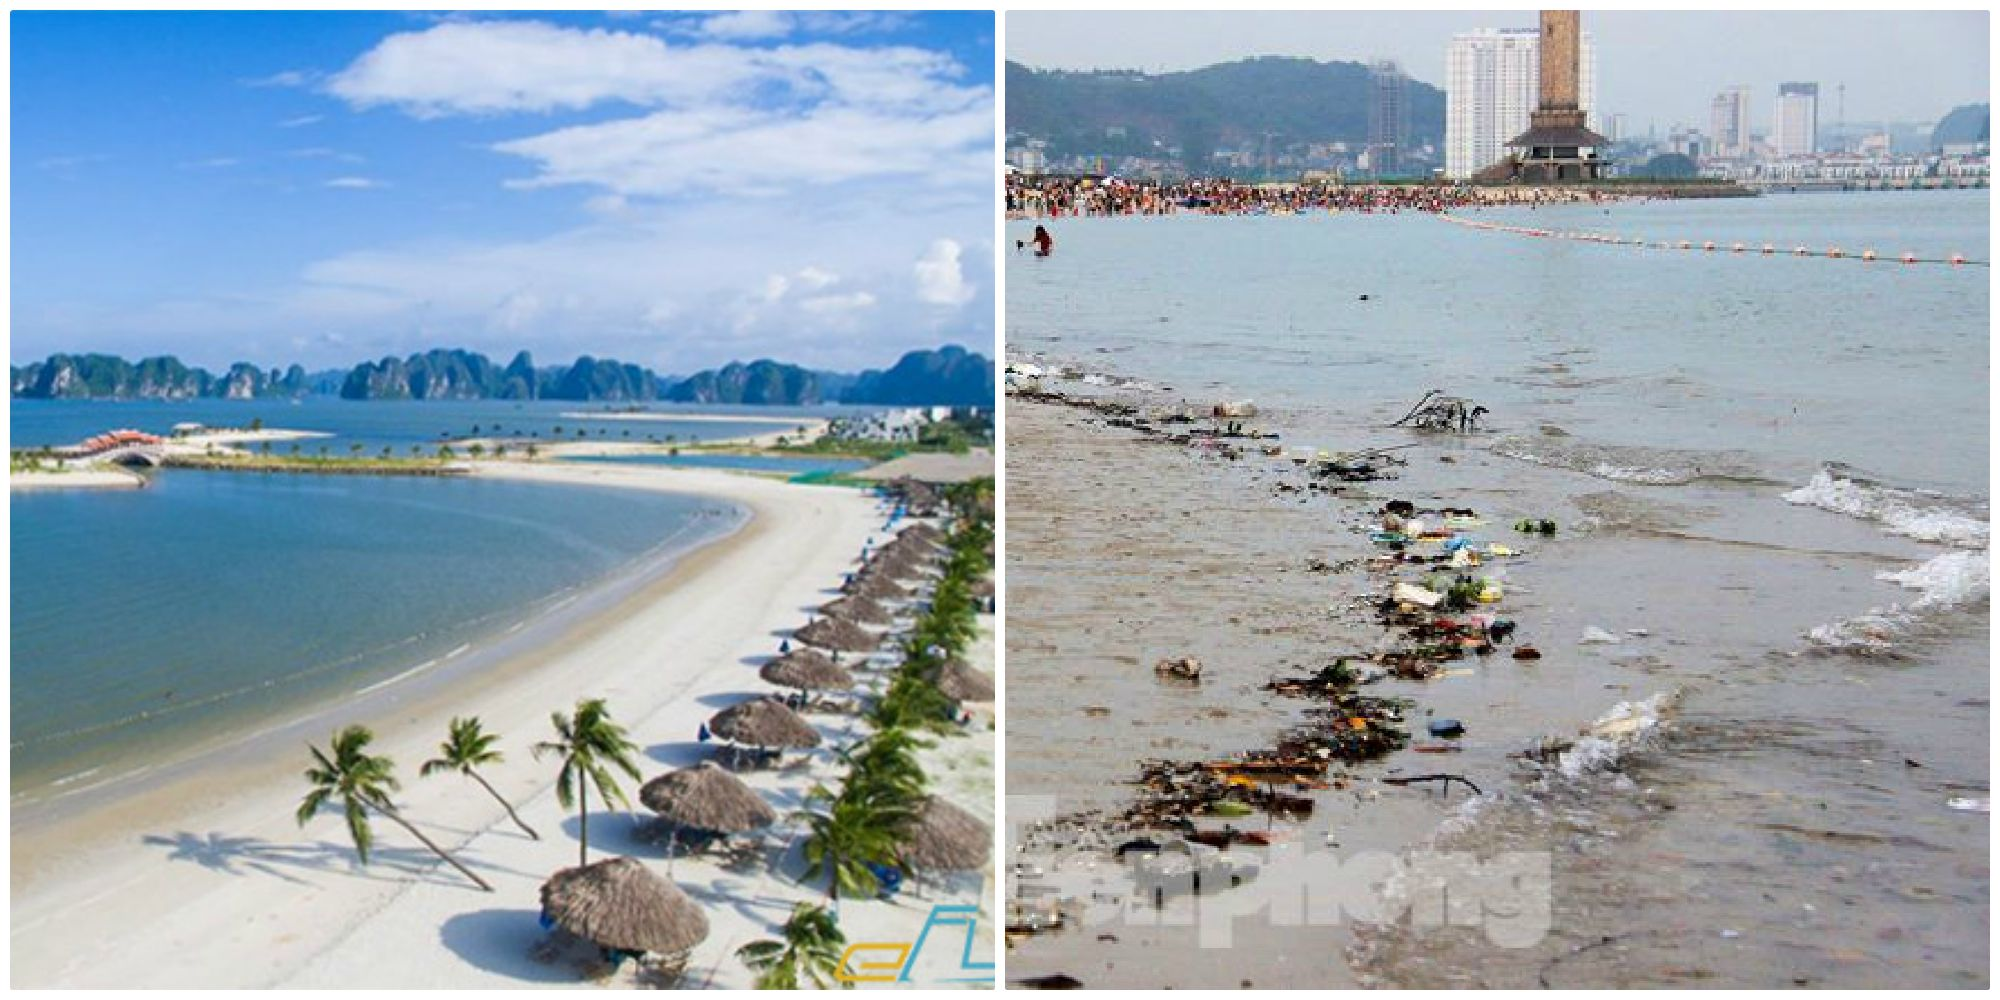 Hàng nghìn du khách vẫn ngụp lặn, bơi trong rác nổi lềnh phềnh ở bãi tắm Hạ Long